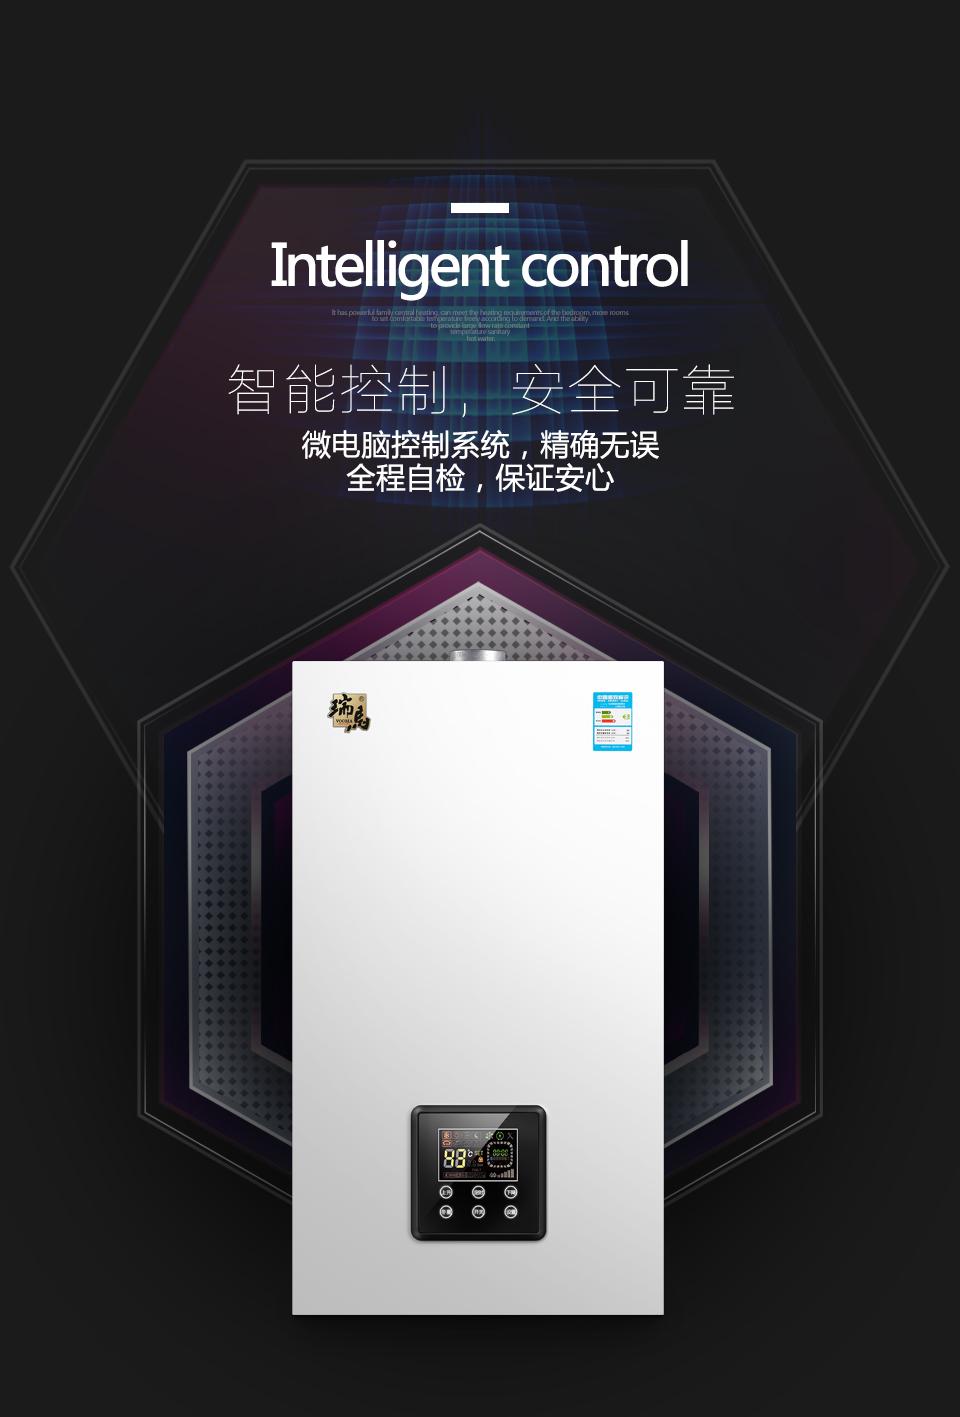 瑞马VM-A4系列葡京国际娱乐注册,智能控制,安全可靠